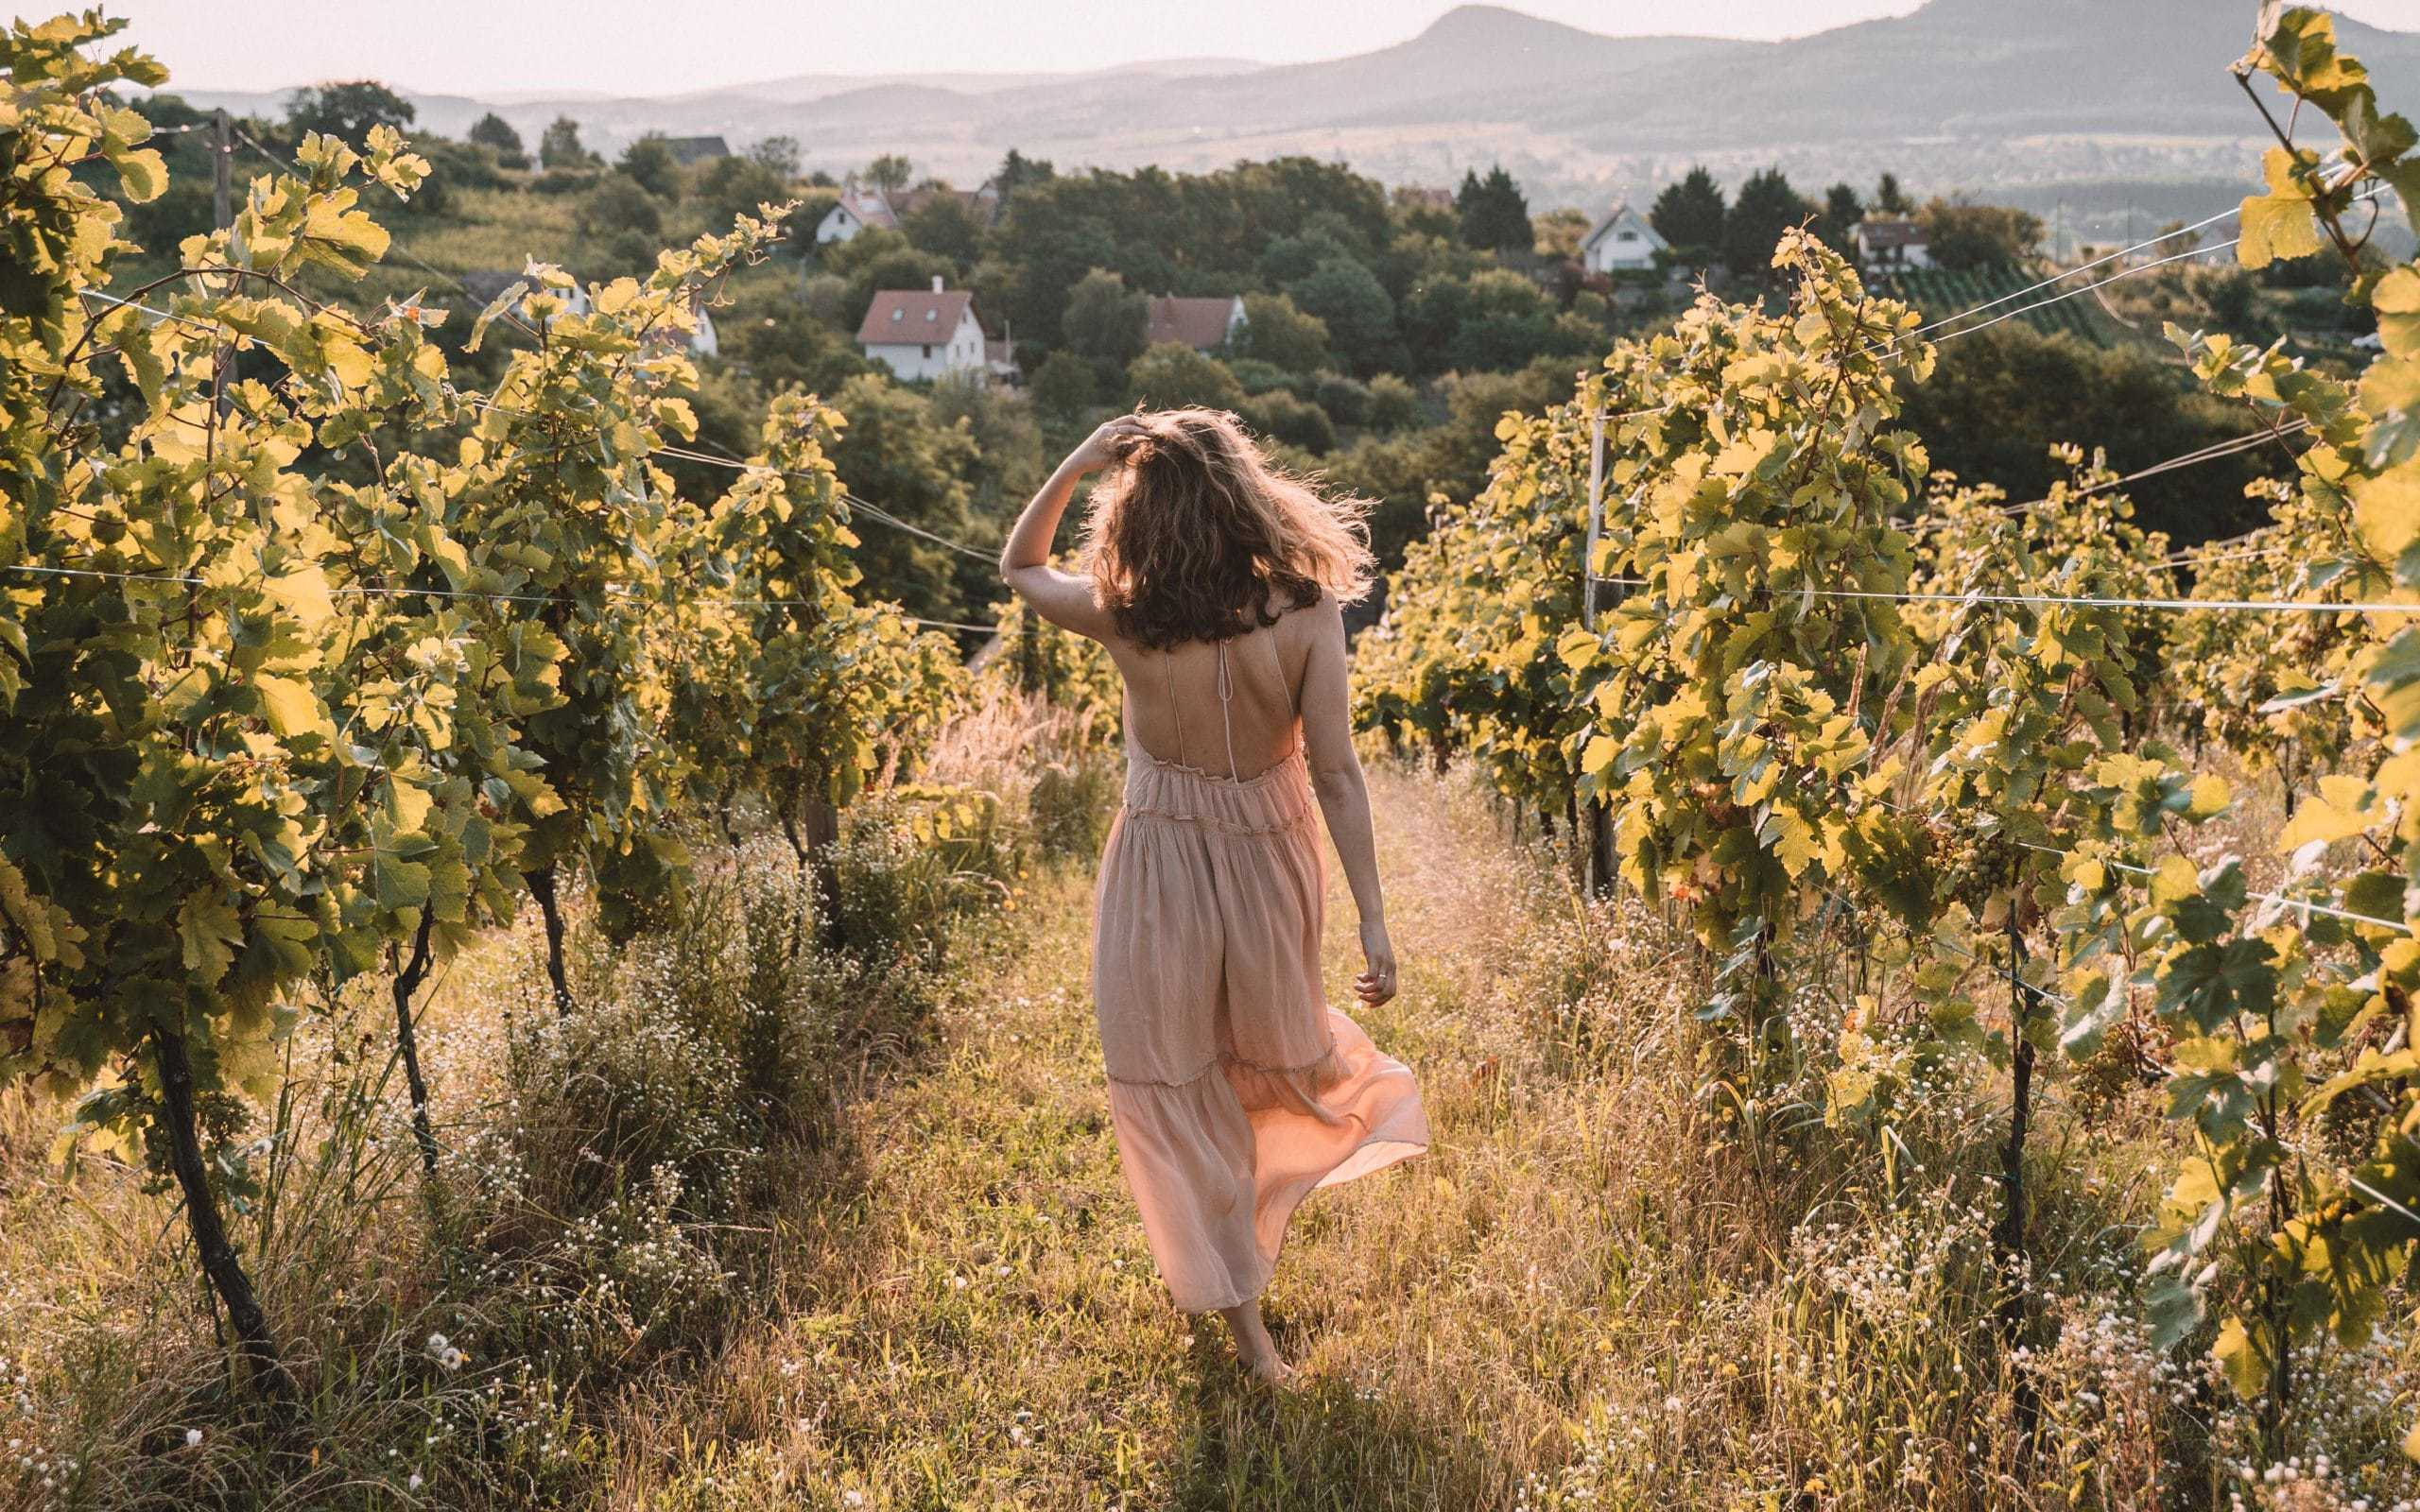 winiarnia wschód słońca winiarnie balaton